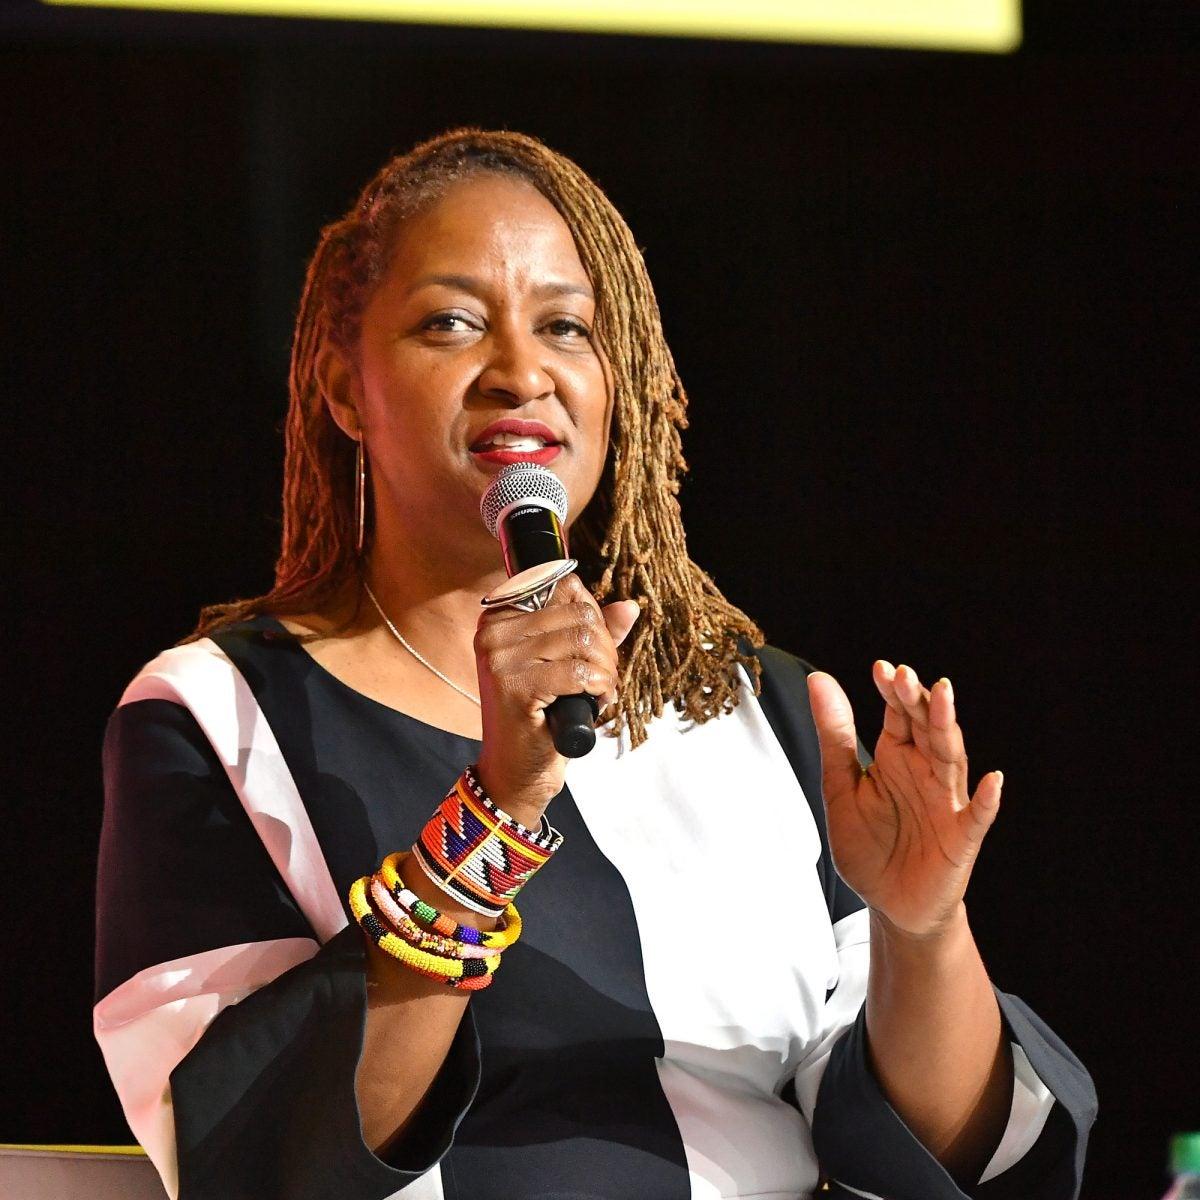 #BlackWomenLead: Meet Black Women In Down-Ballot Races Across The Nation